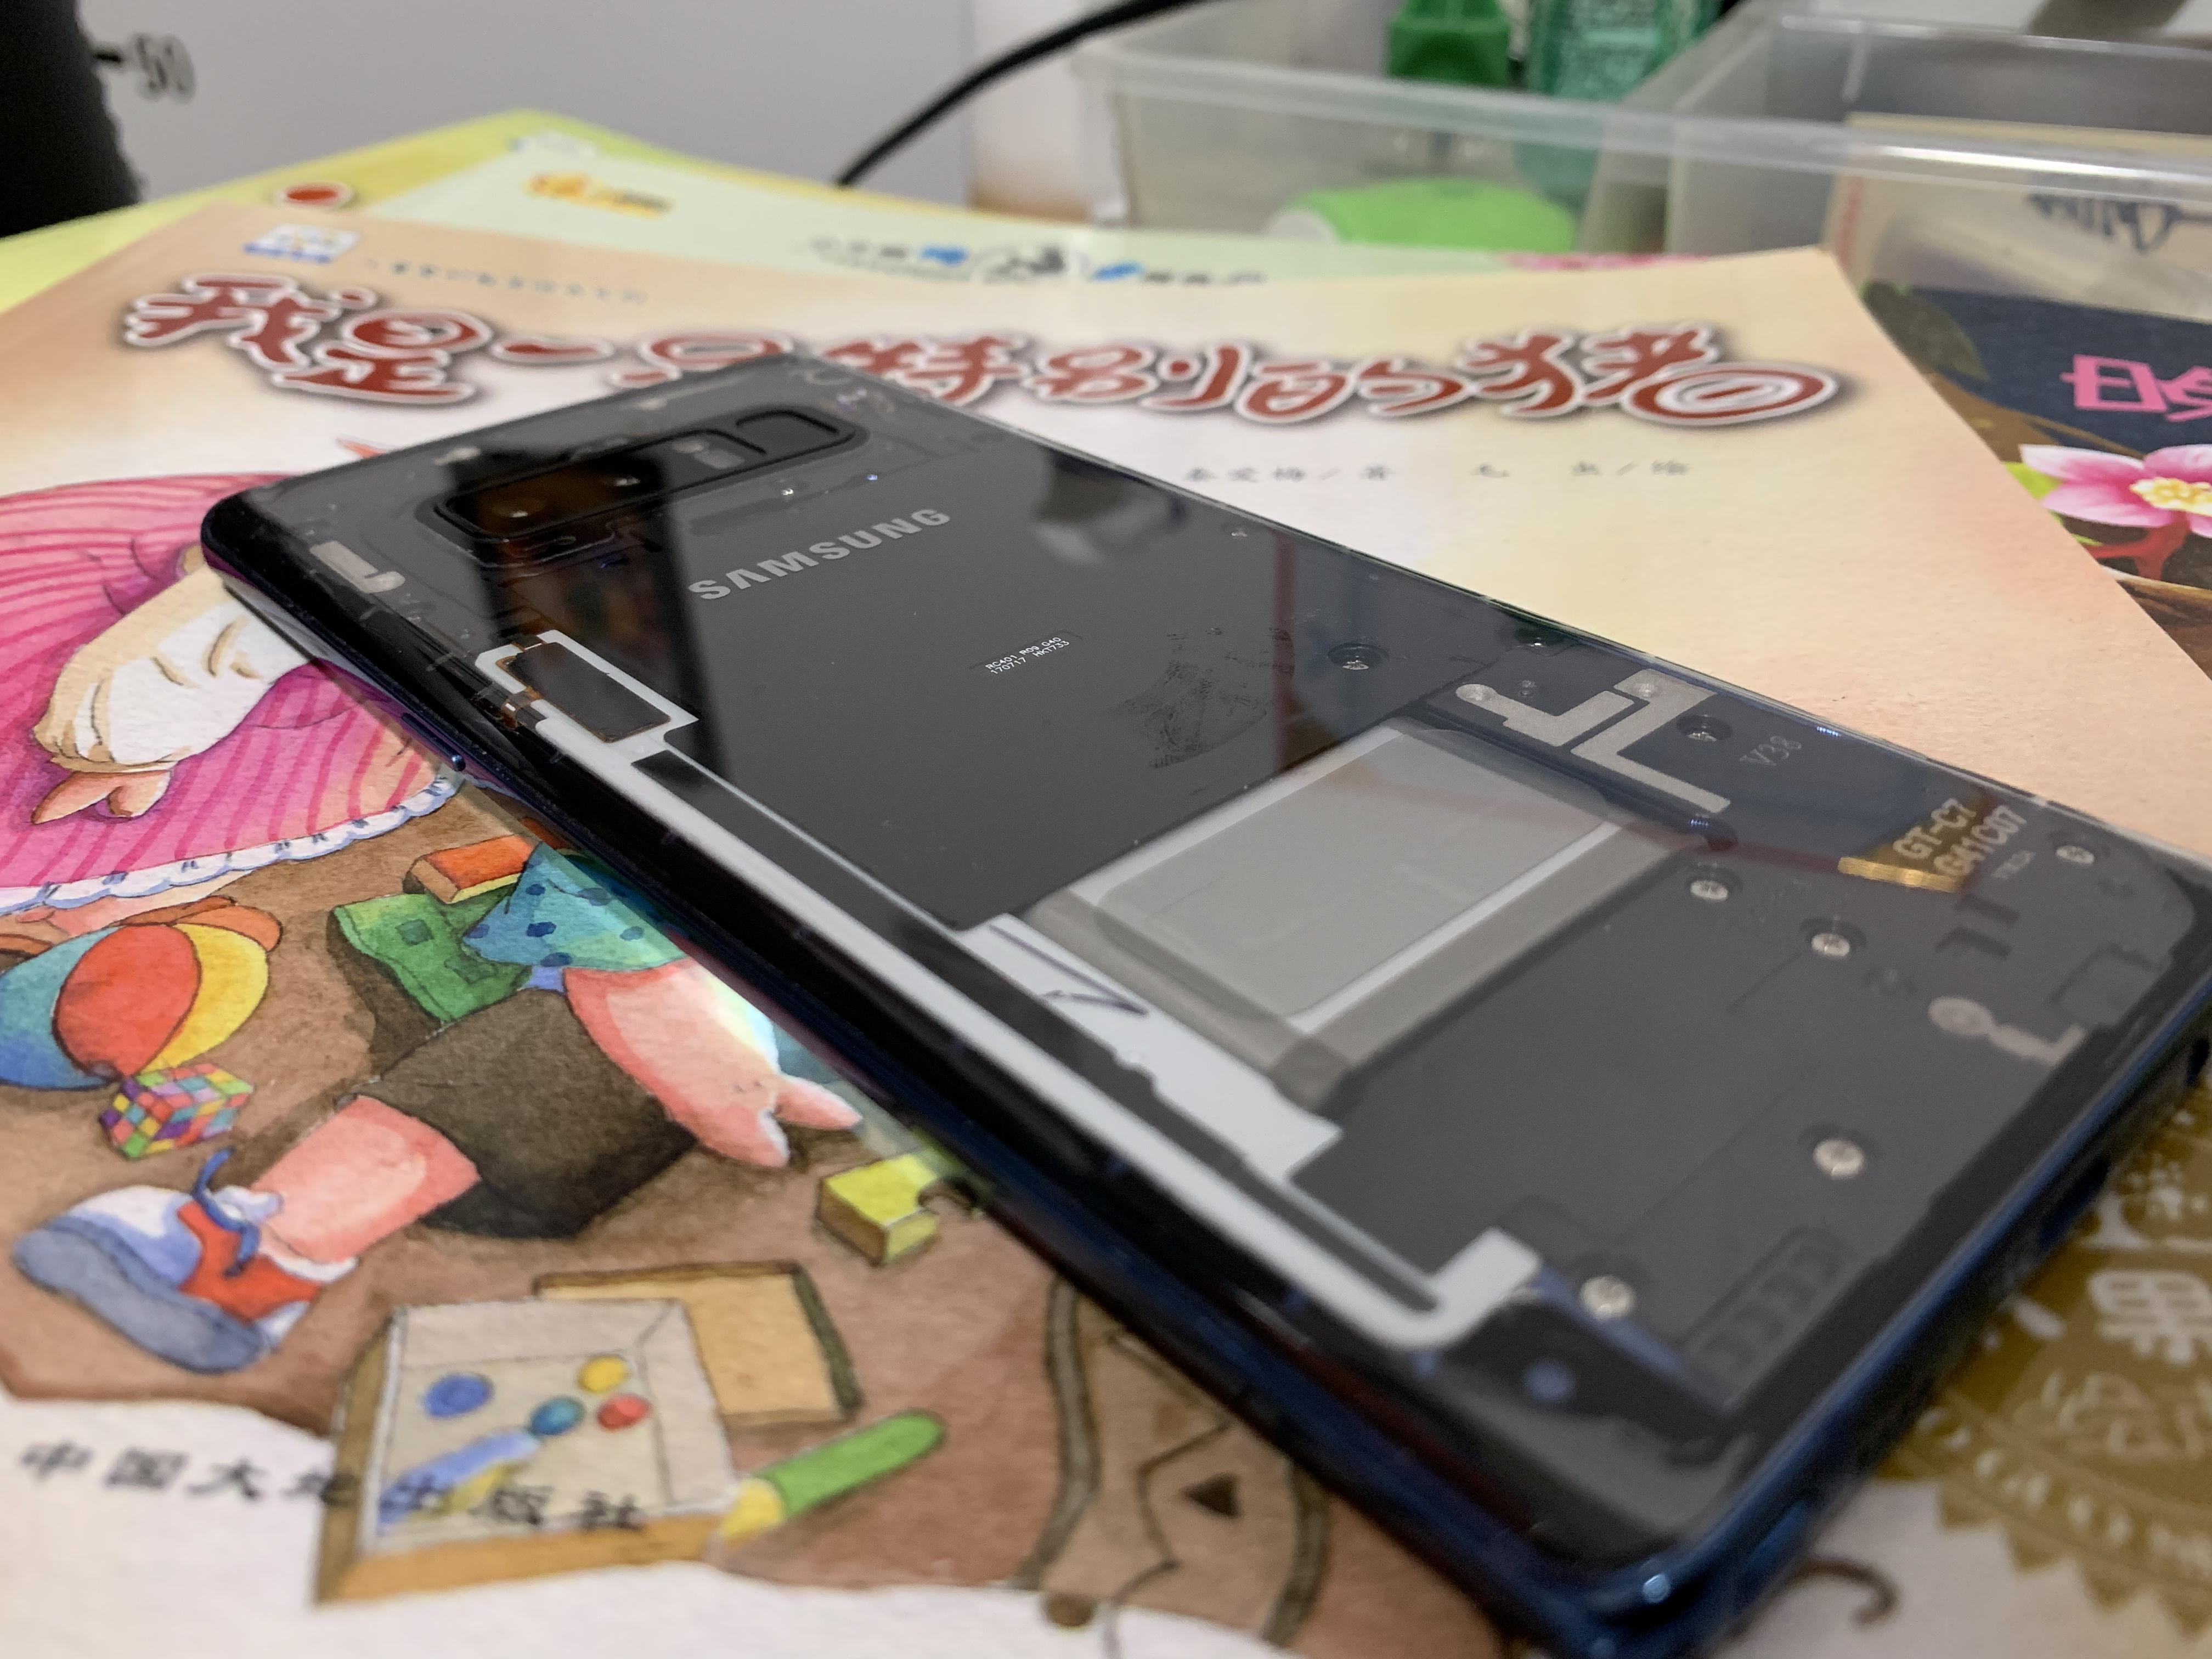 三星手机电池充电次数清零Samsung note8换电池重置battery cycle